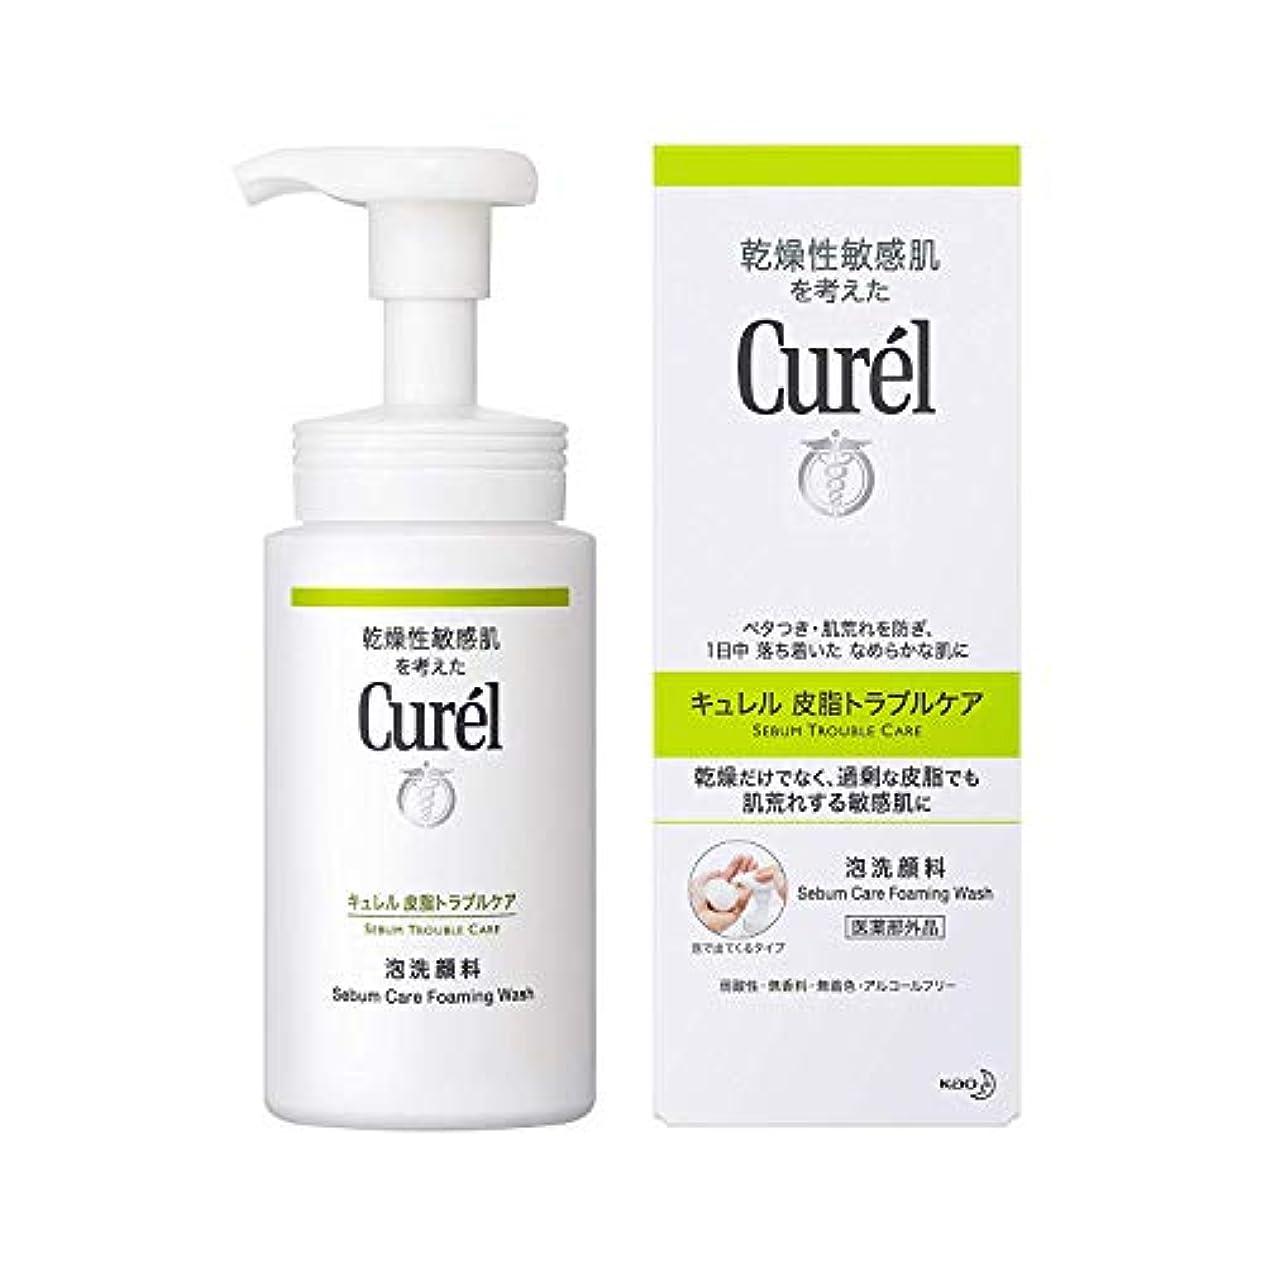 【花王】キュレル皮脂トラブルケア泡洗顔料(150ml) ×5個セット